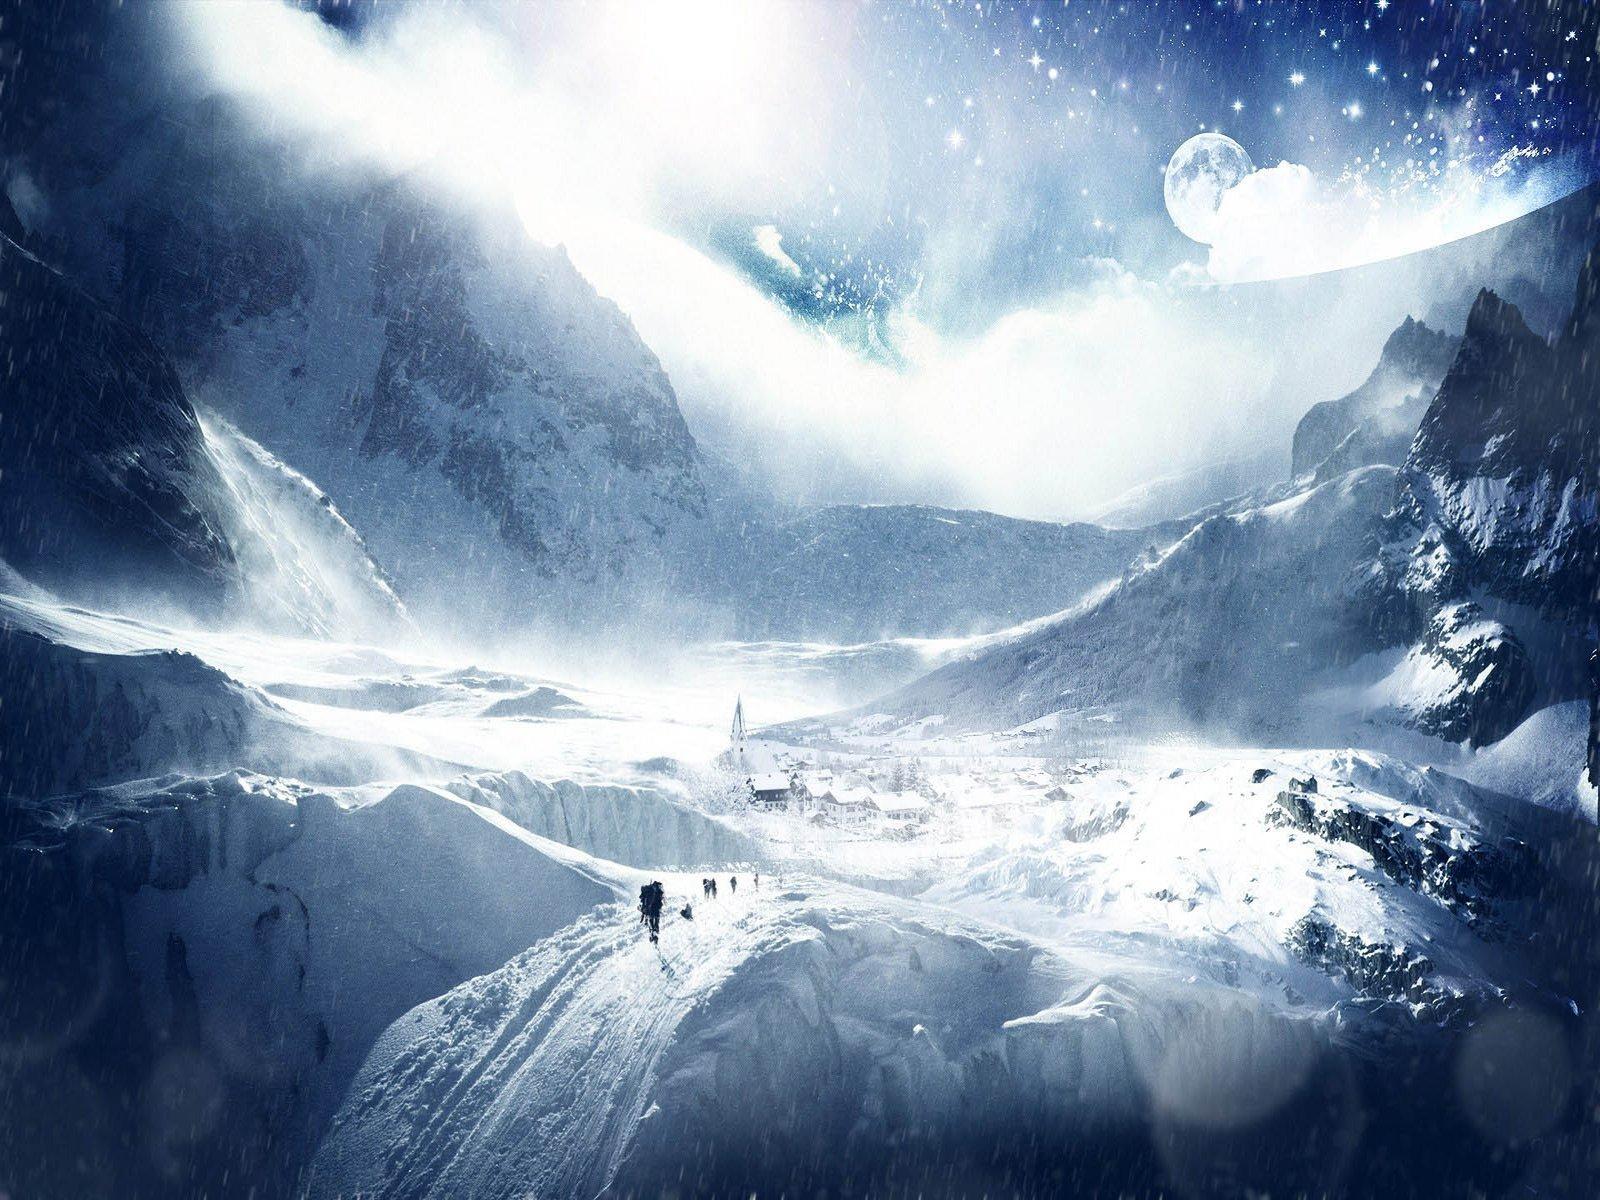 Winter Wallpaper (141) - Wallect